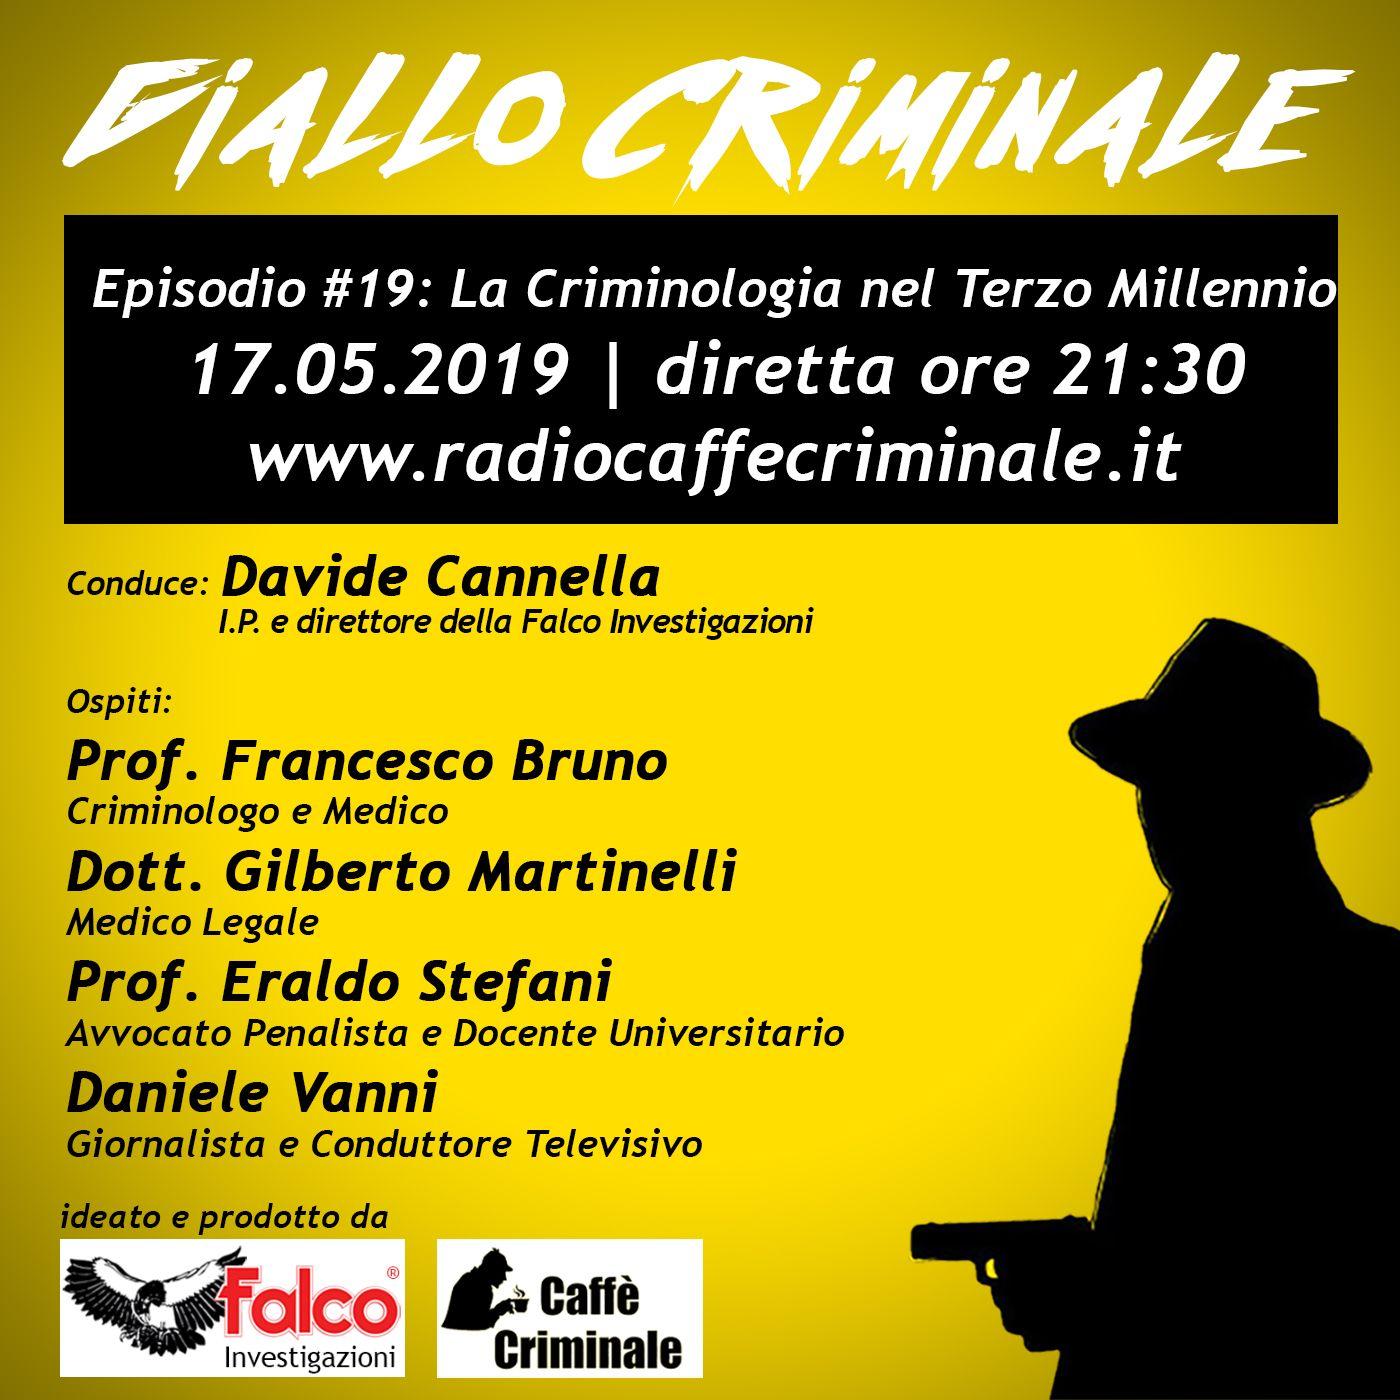 #19 Episodio | Criminologia del Terzo Millennio_17.05.2019